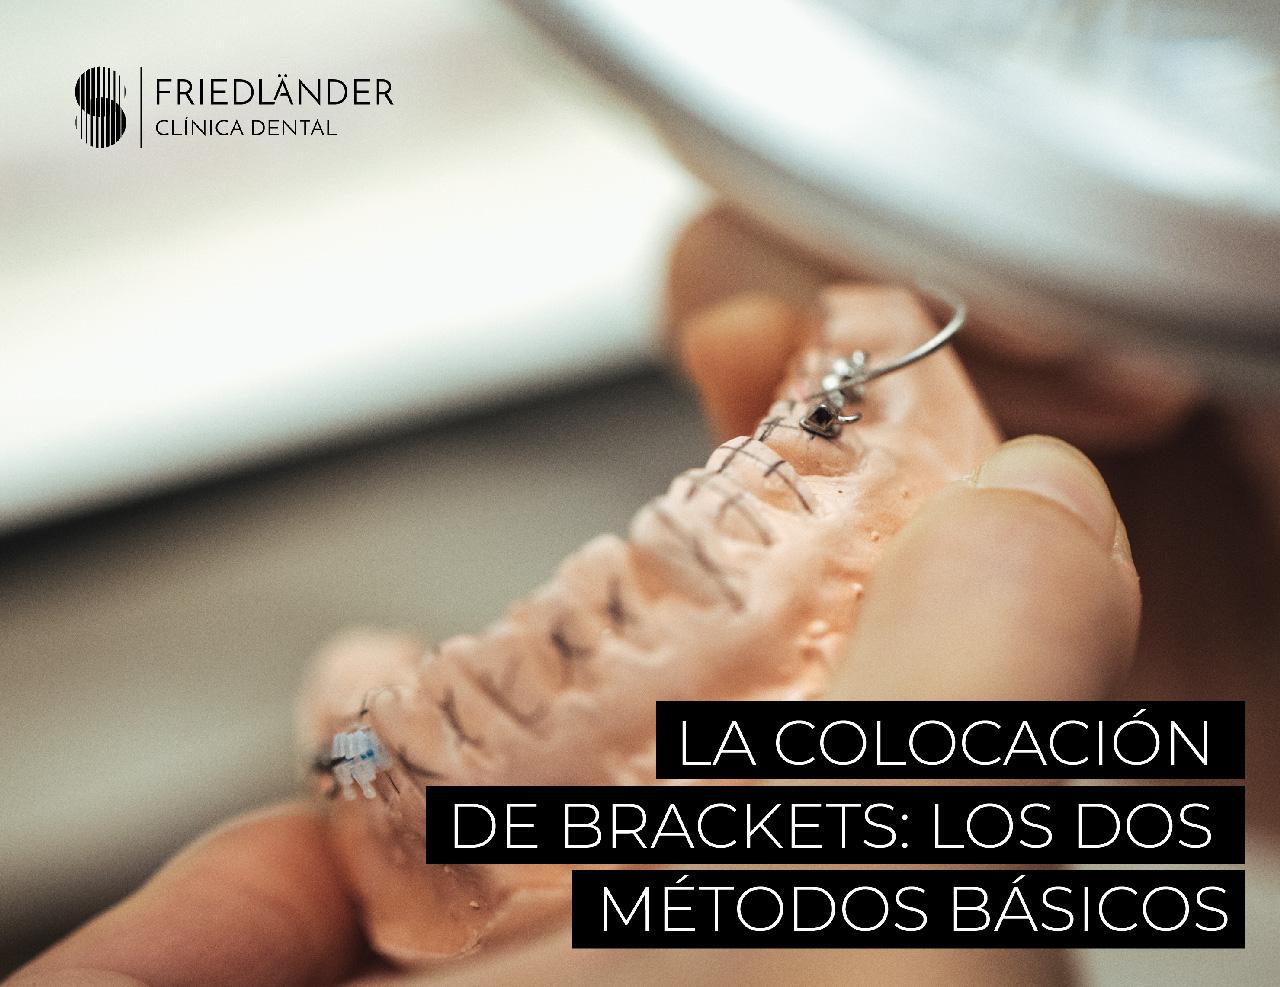 La colocación de los brackets: los dos métodos básicos 4